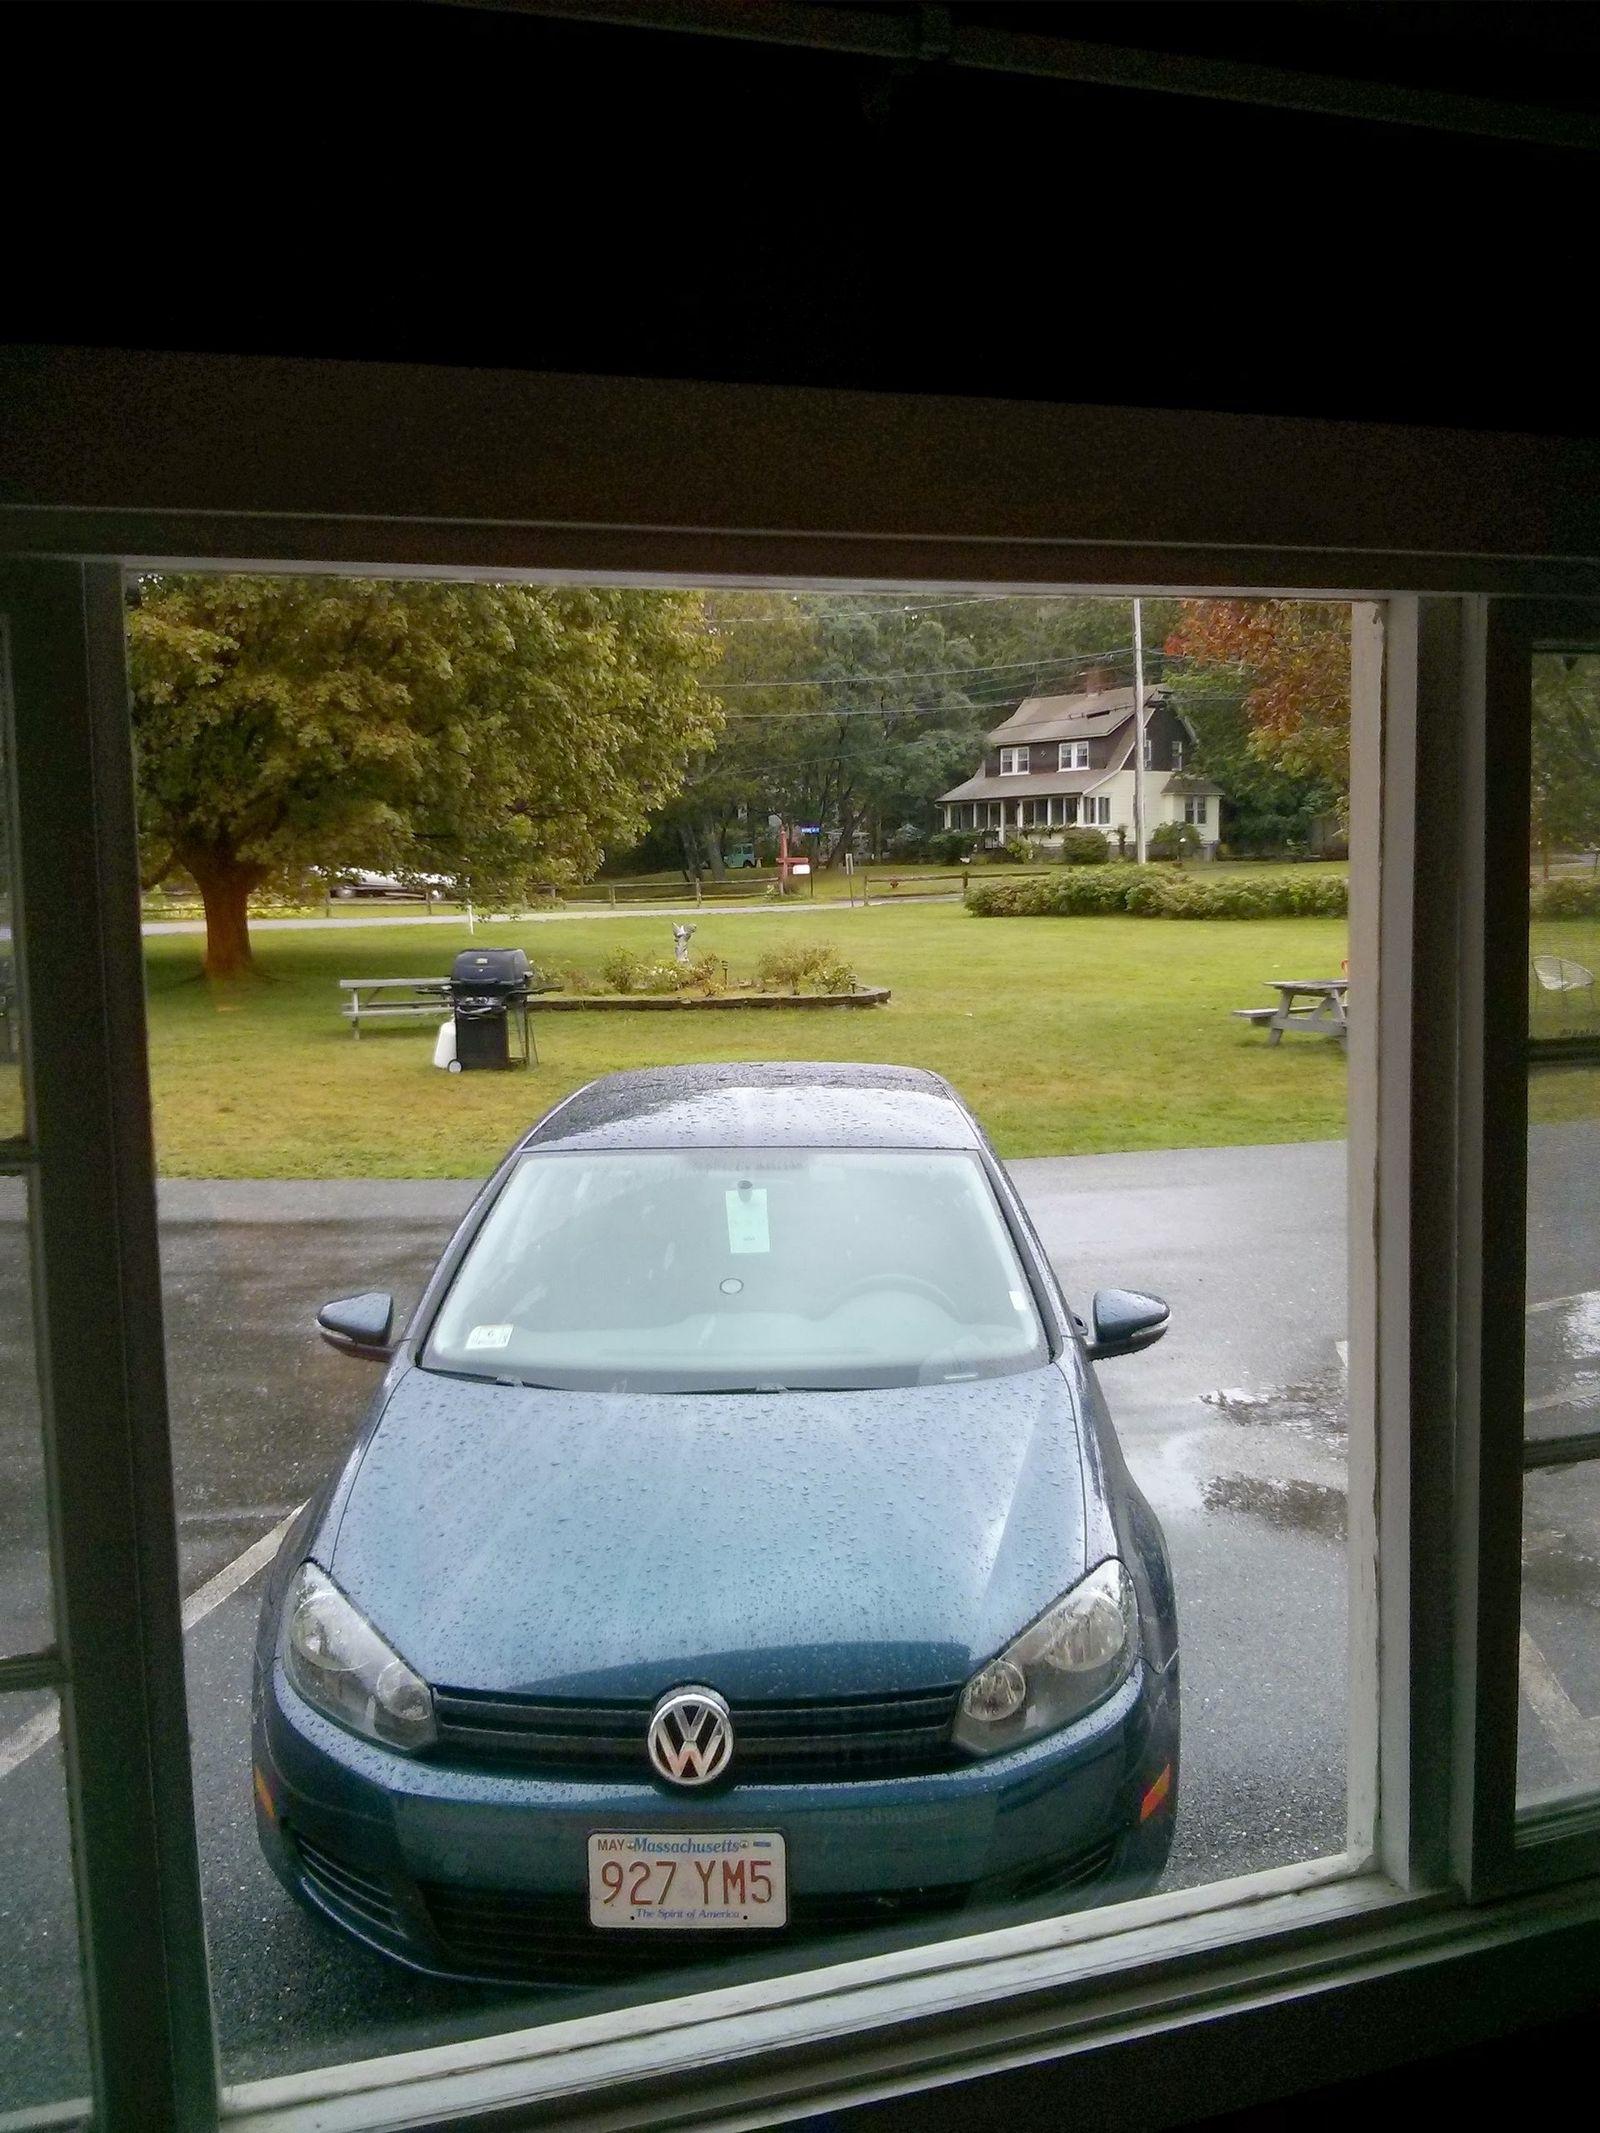 El agua sobre el coche no es por el rocío de la mañana